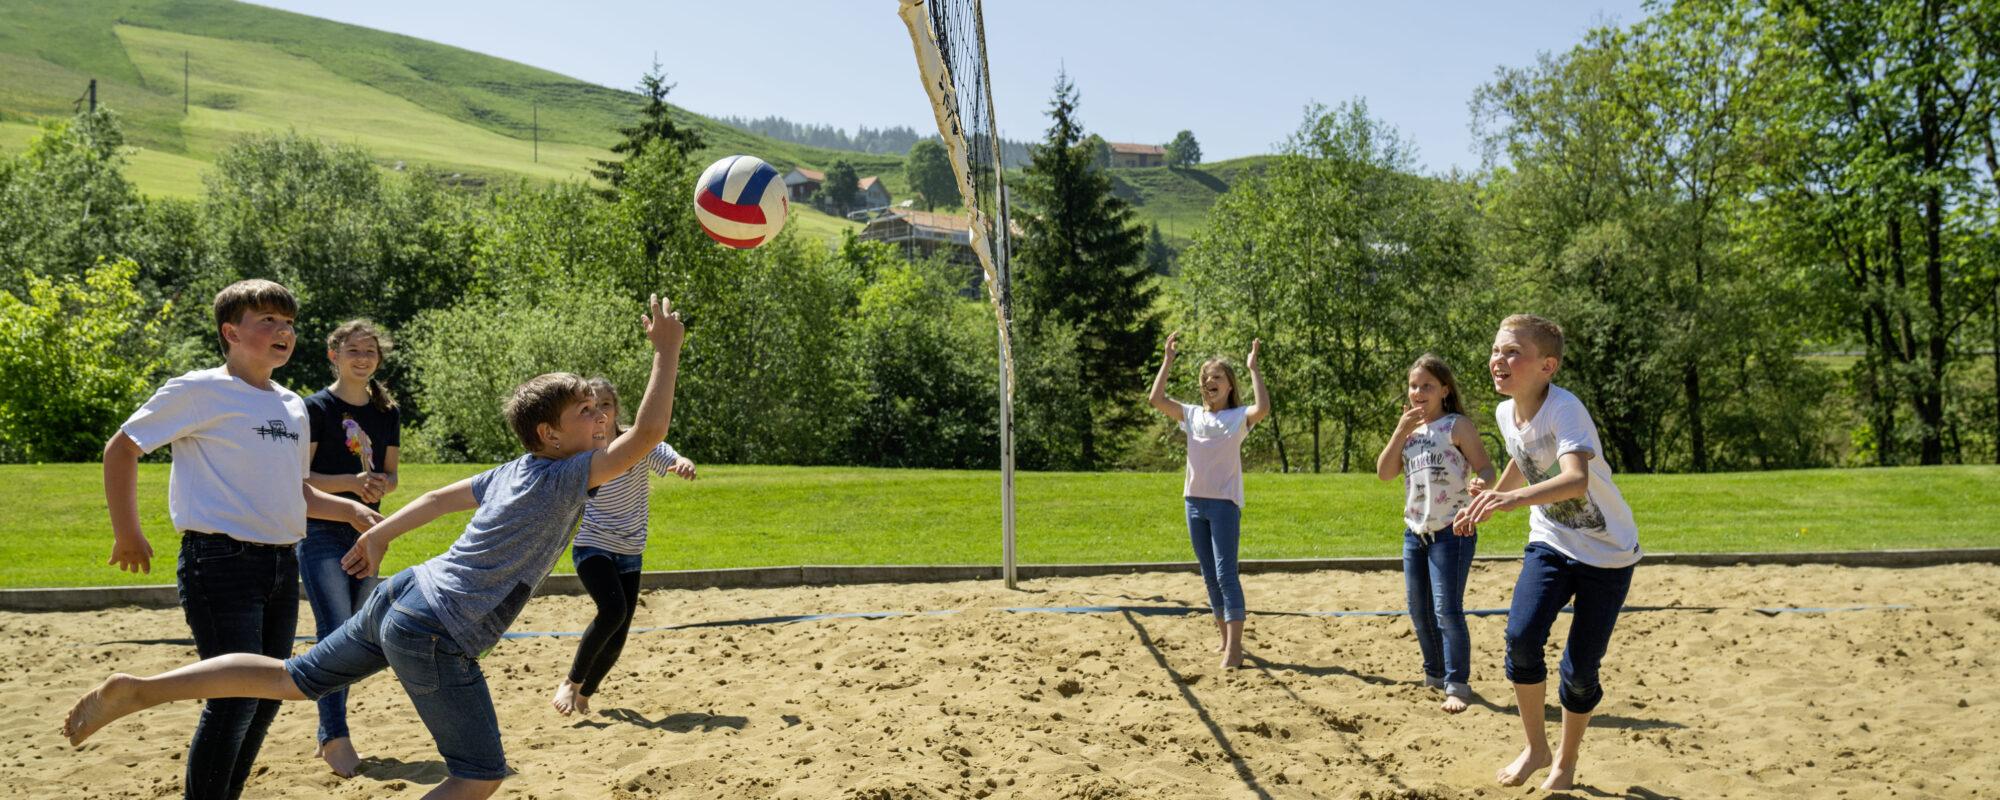 Ferienhaus_Unterkunft_Mitel_Saentis_Freizeit_Volleyball_2